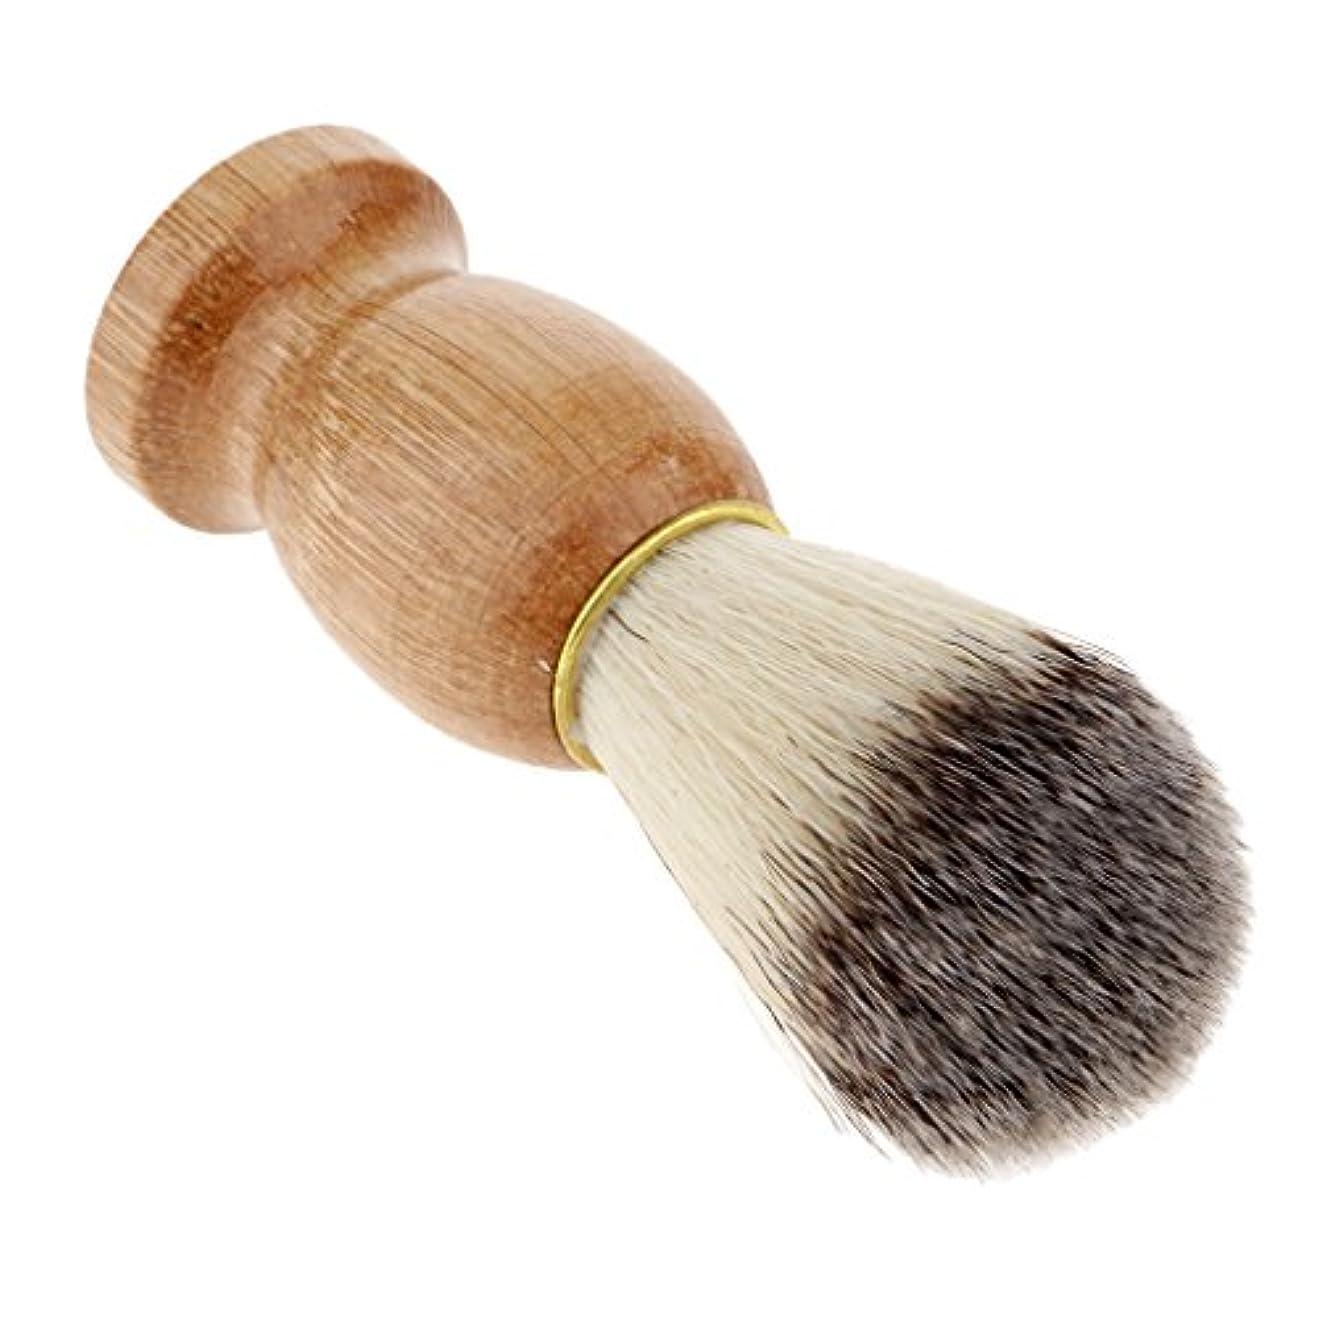 影響を受けやすいです工夫する明日人毛ひげの切断の塵の浄化のための木製のハンドルの剛毛の剃るブラシ